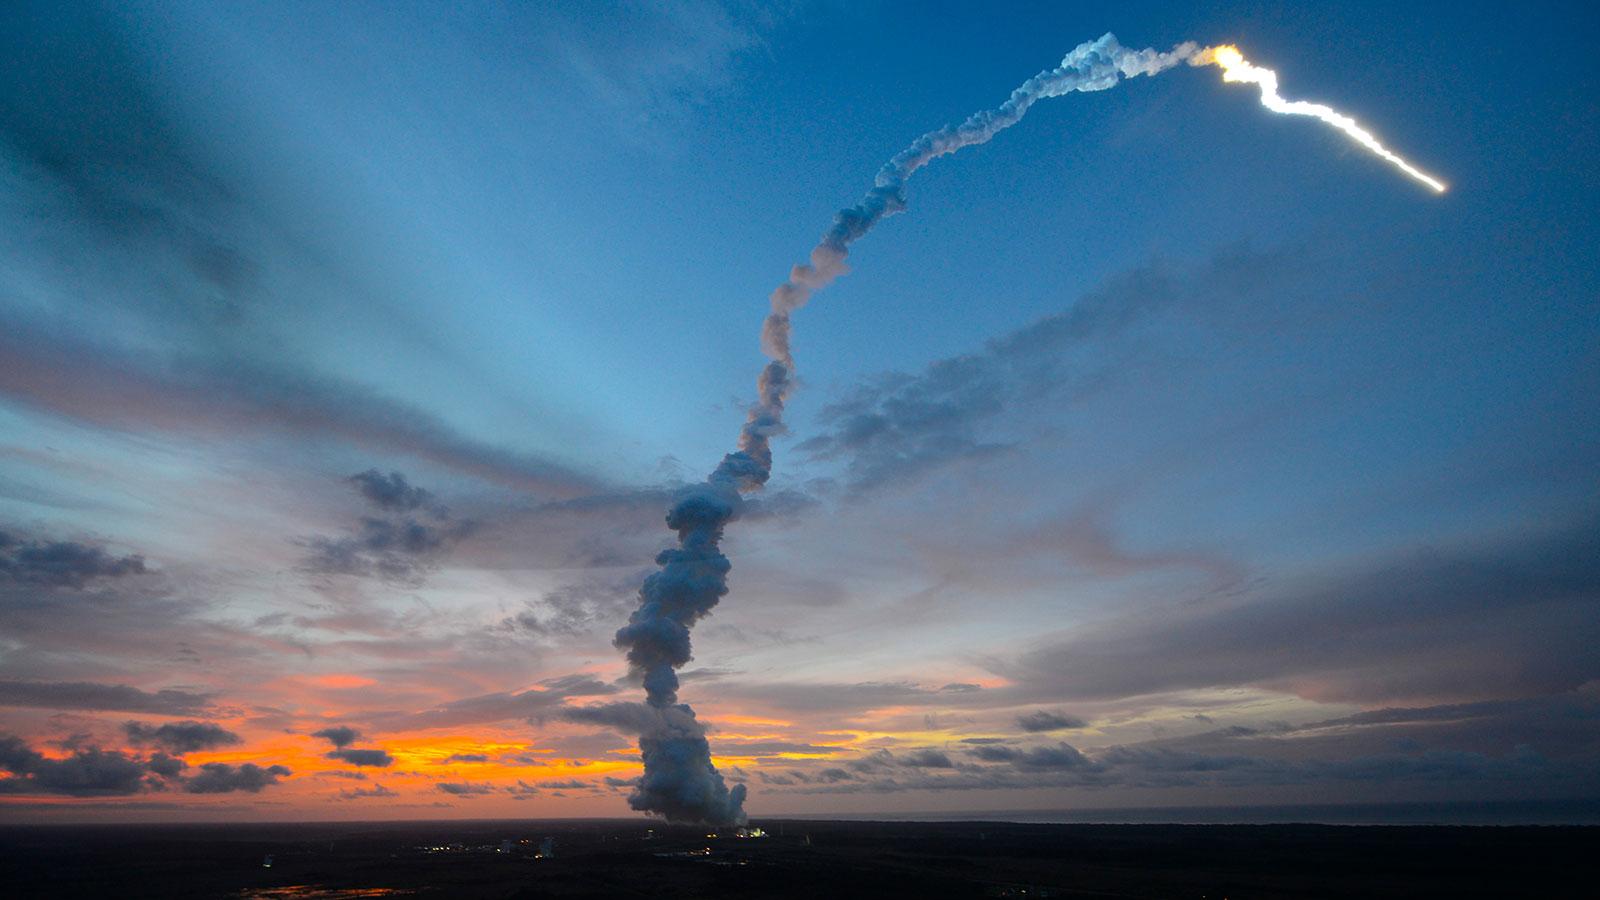 Das Bild zeigt eine Ariane-Rakete beim Start. Bild: ESA, CNES, Arianespace